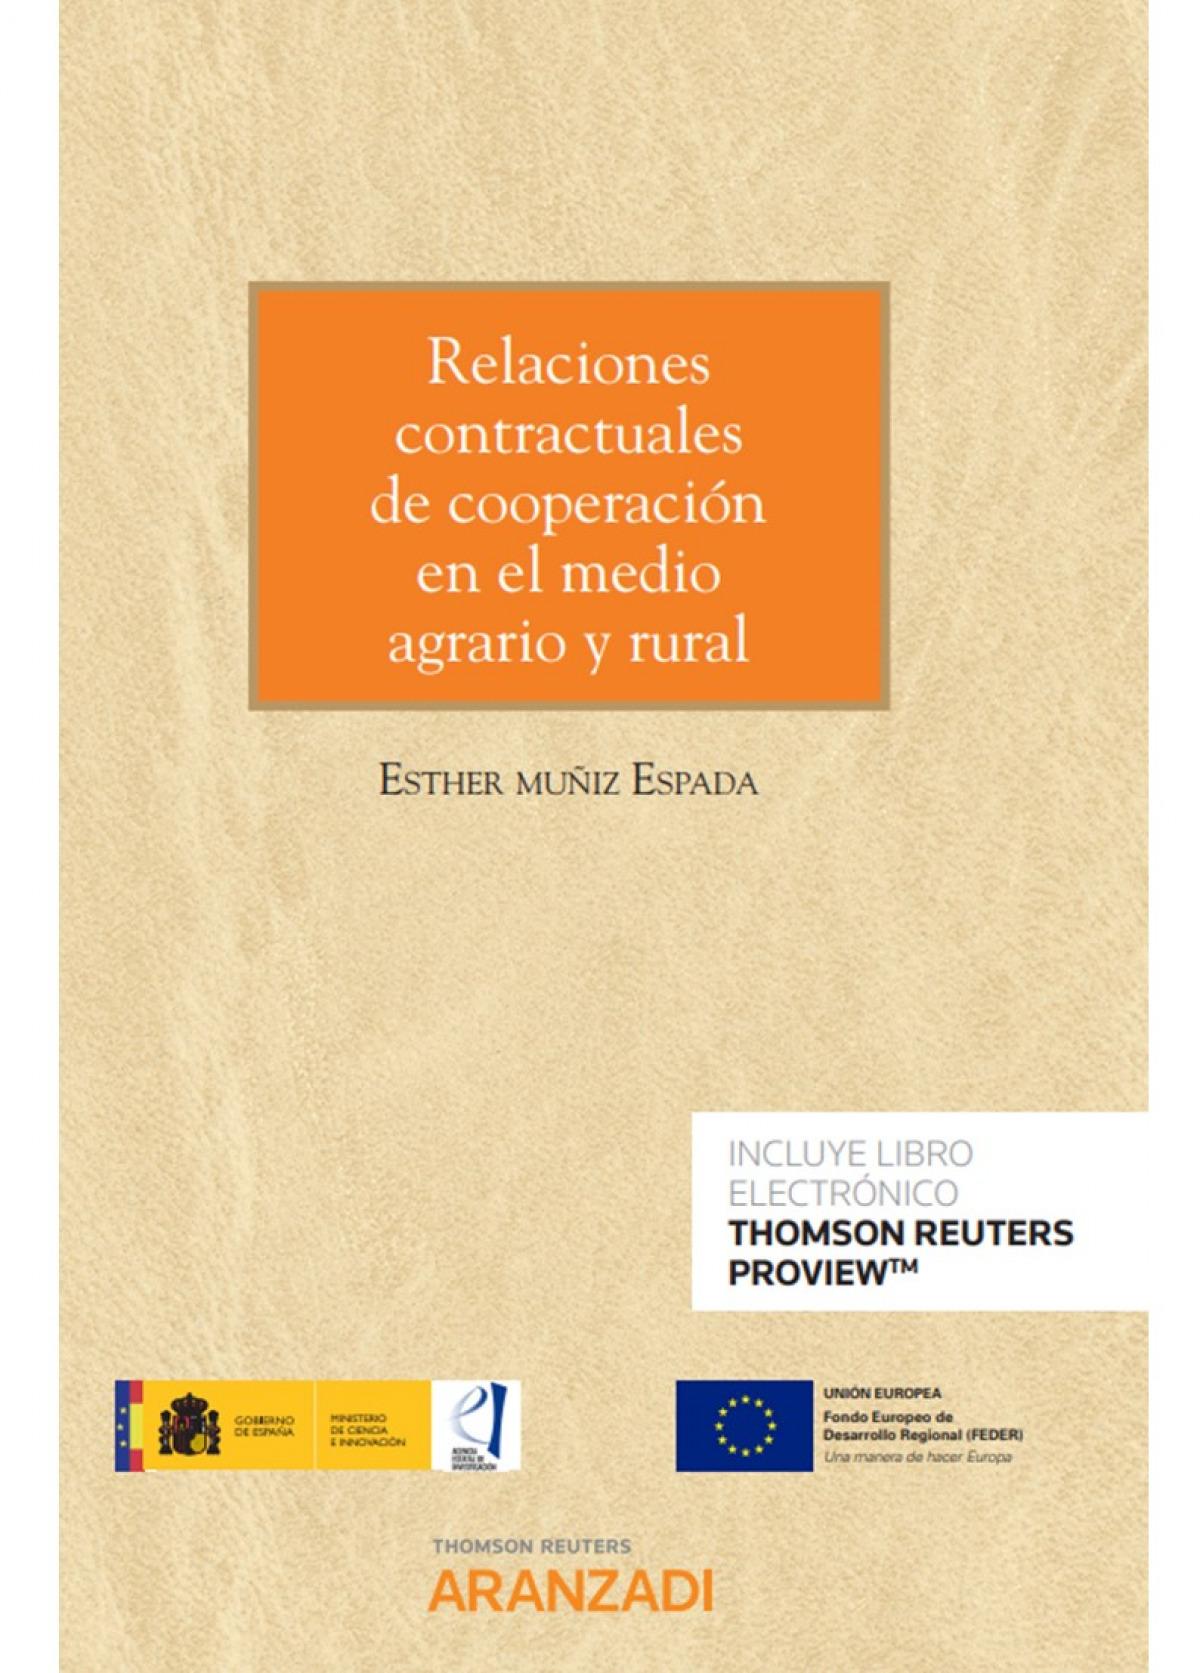 RELACIONES CONTRACTUALES DE COOPERACION EN MEDIO AGRARIO